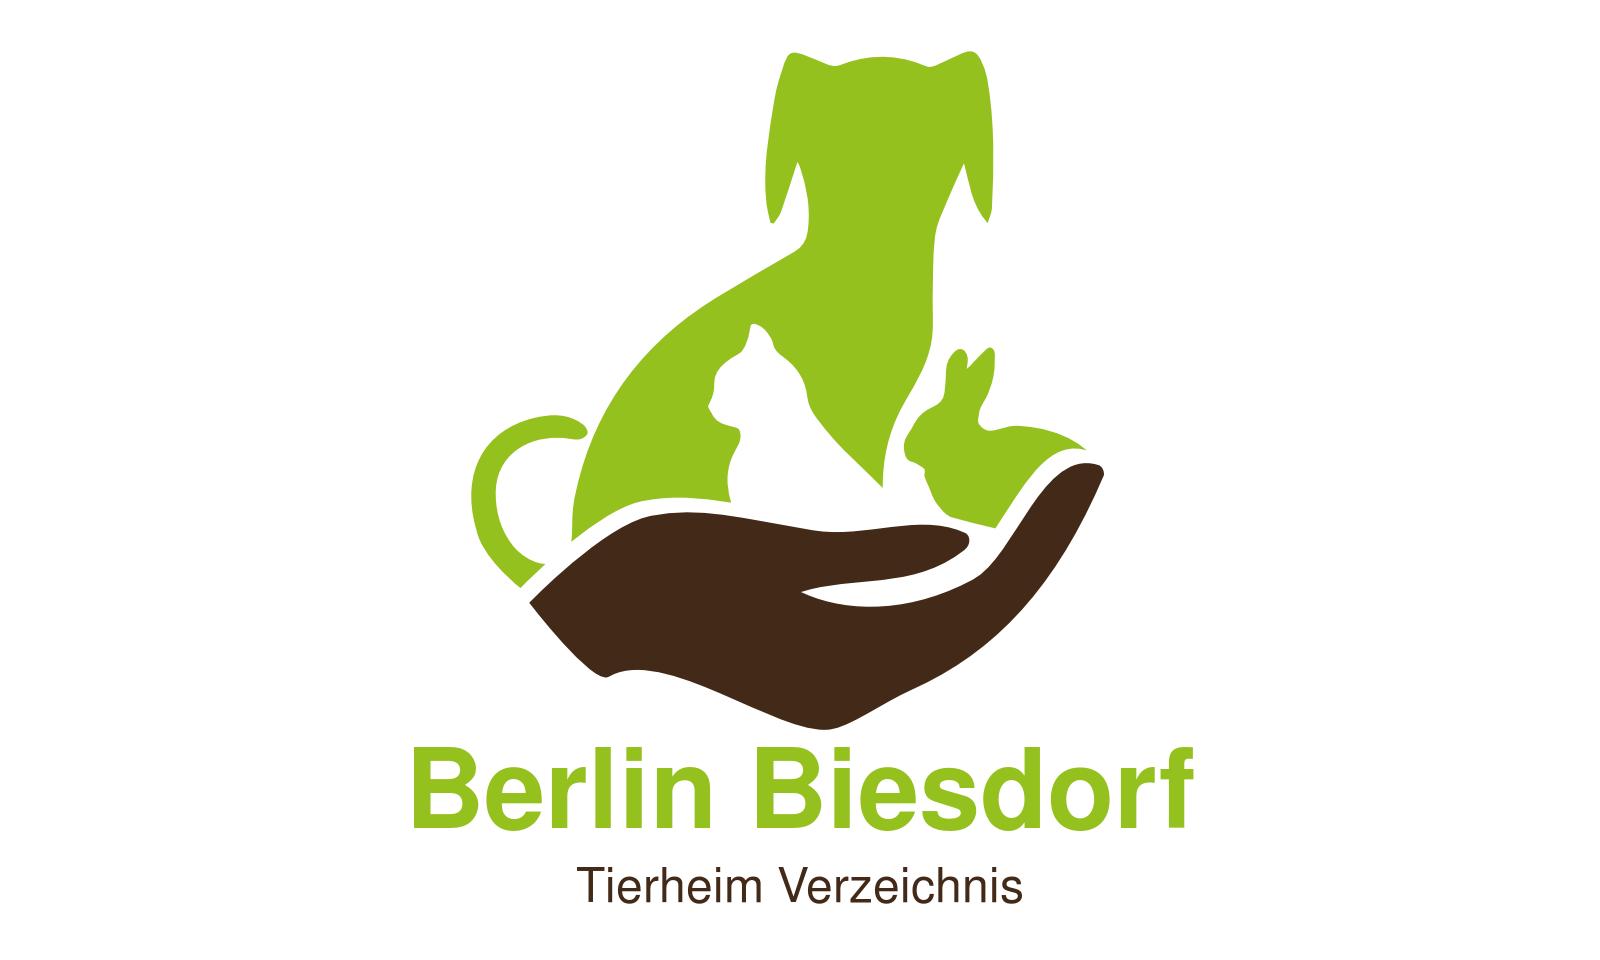 Tierheim Berlin Biesdorf